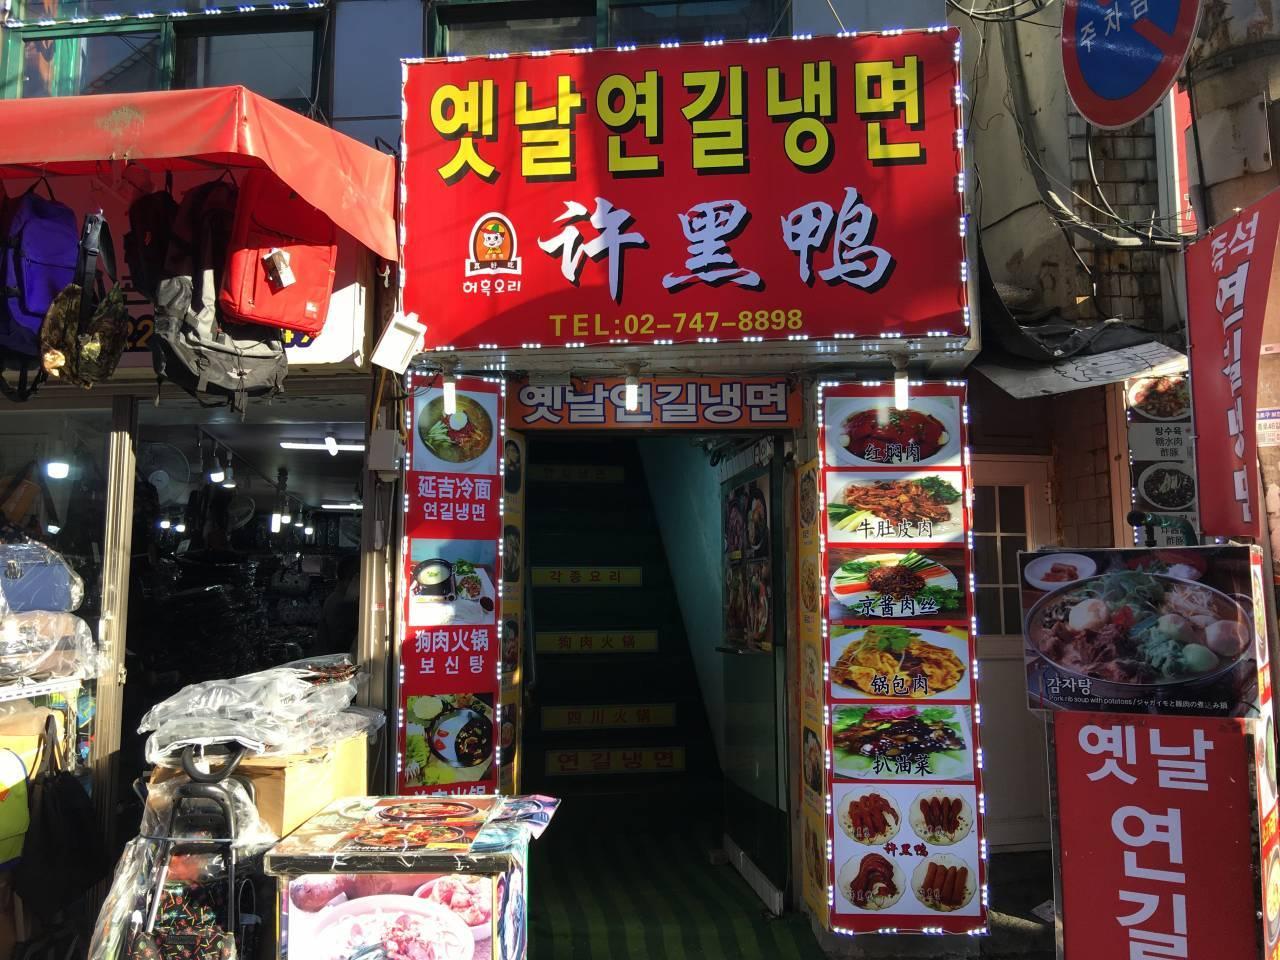 イェンナルヨンギル冷麺(옛날연길냉면)